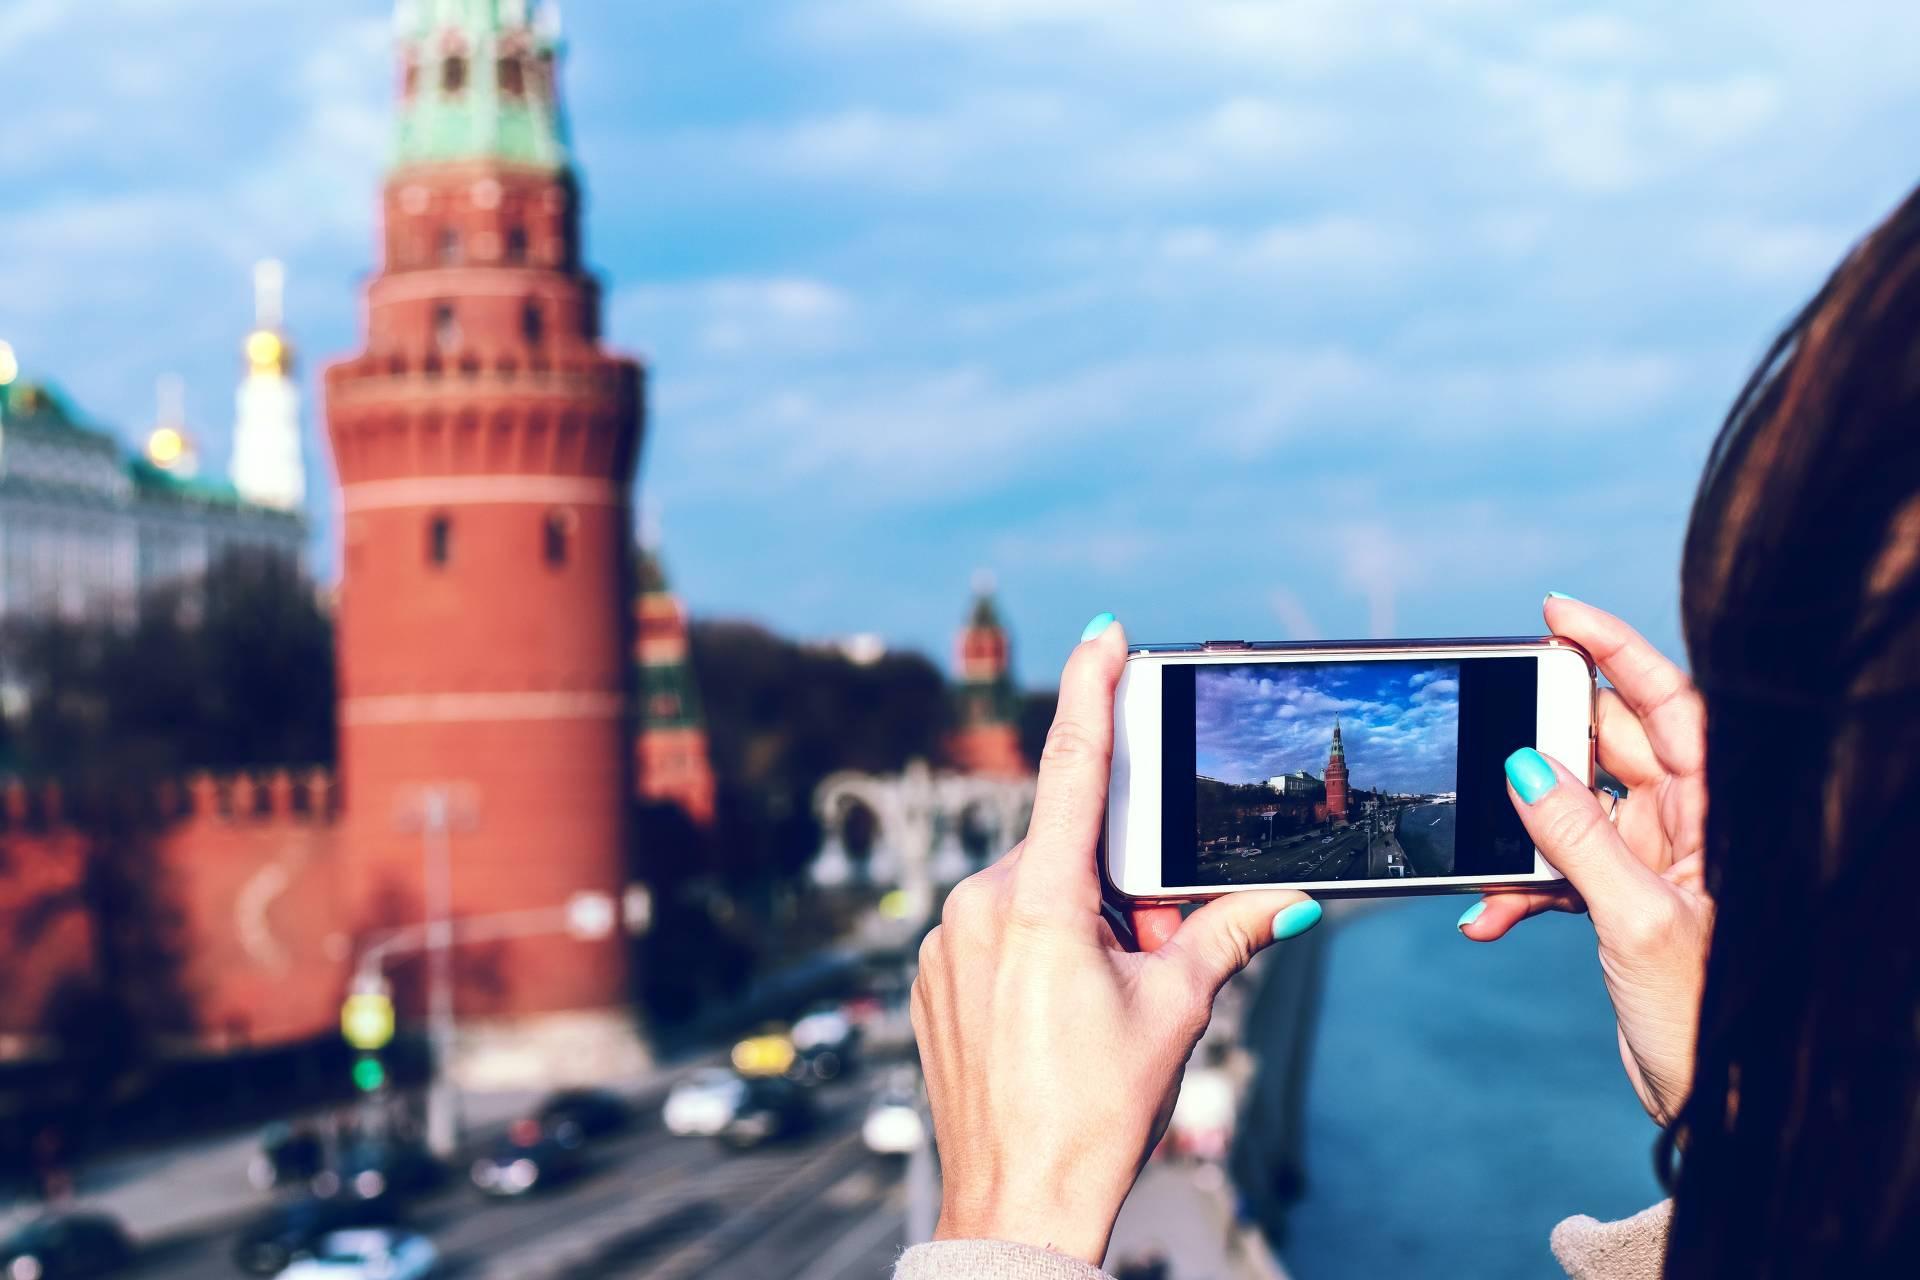 Frau fotografiert Gebäude mit Handykamera